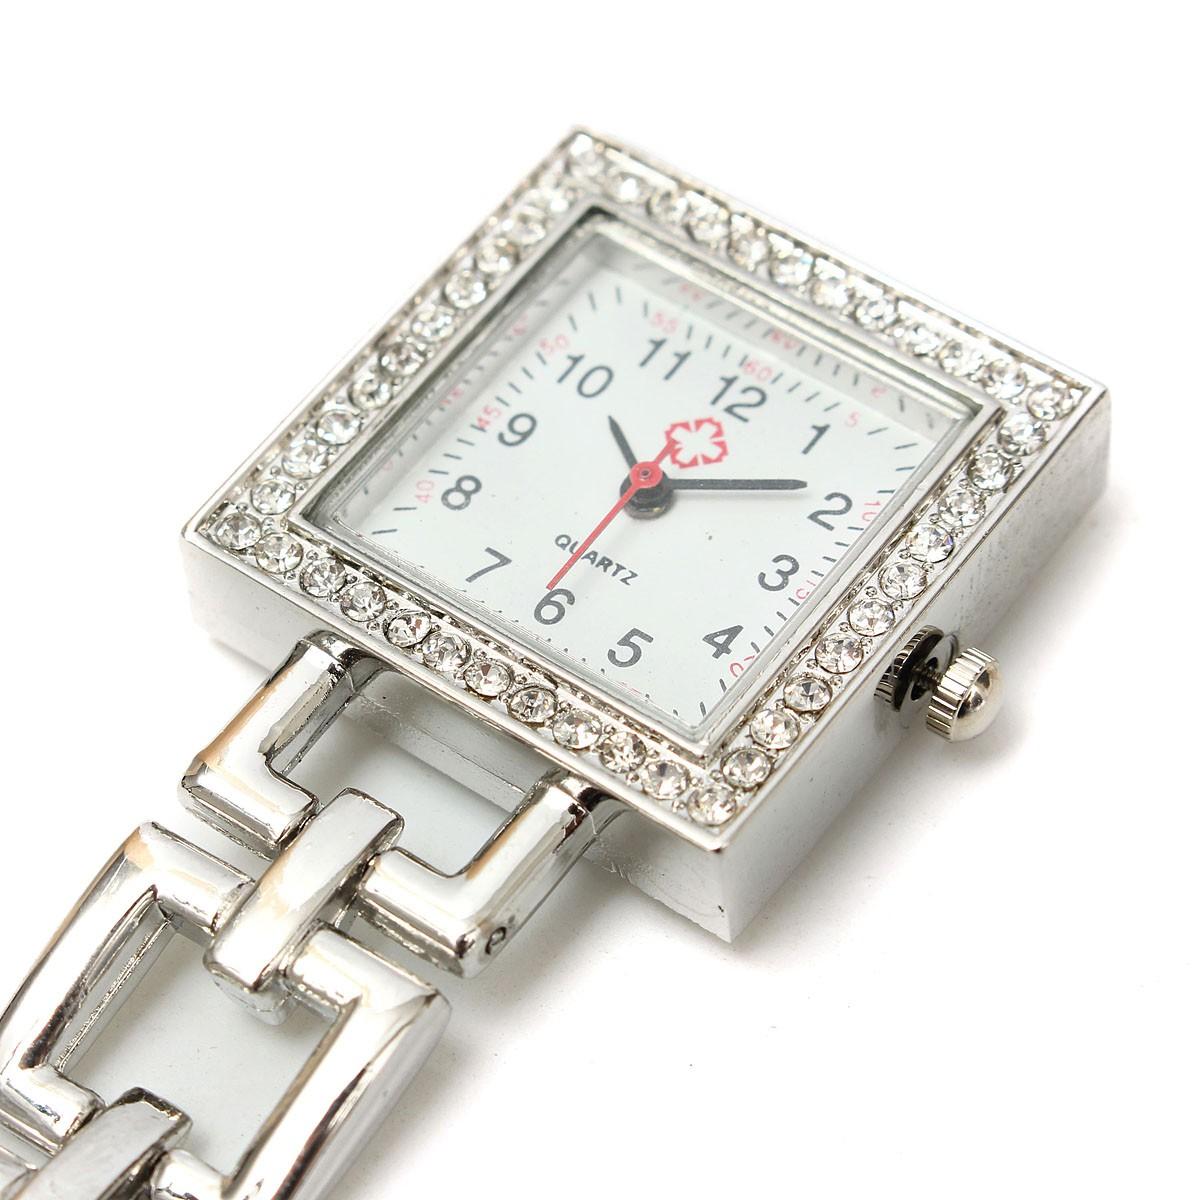 Berlian Buatan Square Dial Stainless Steel Perhiasan Bros Baju Dagu Liontin Swa Rivoly Bajuseragam Perawat Memperdaya Kuarsa